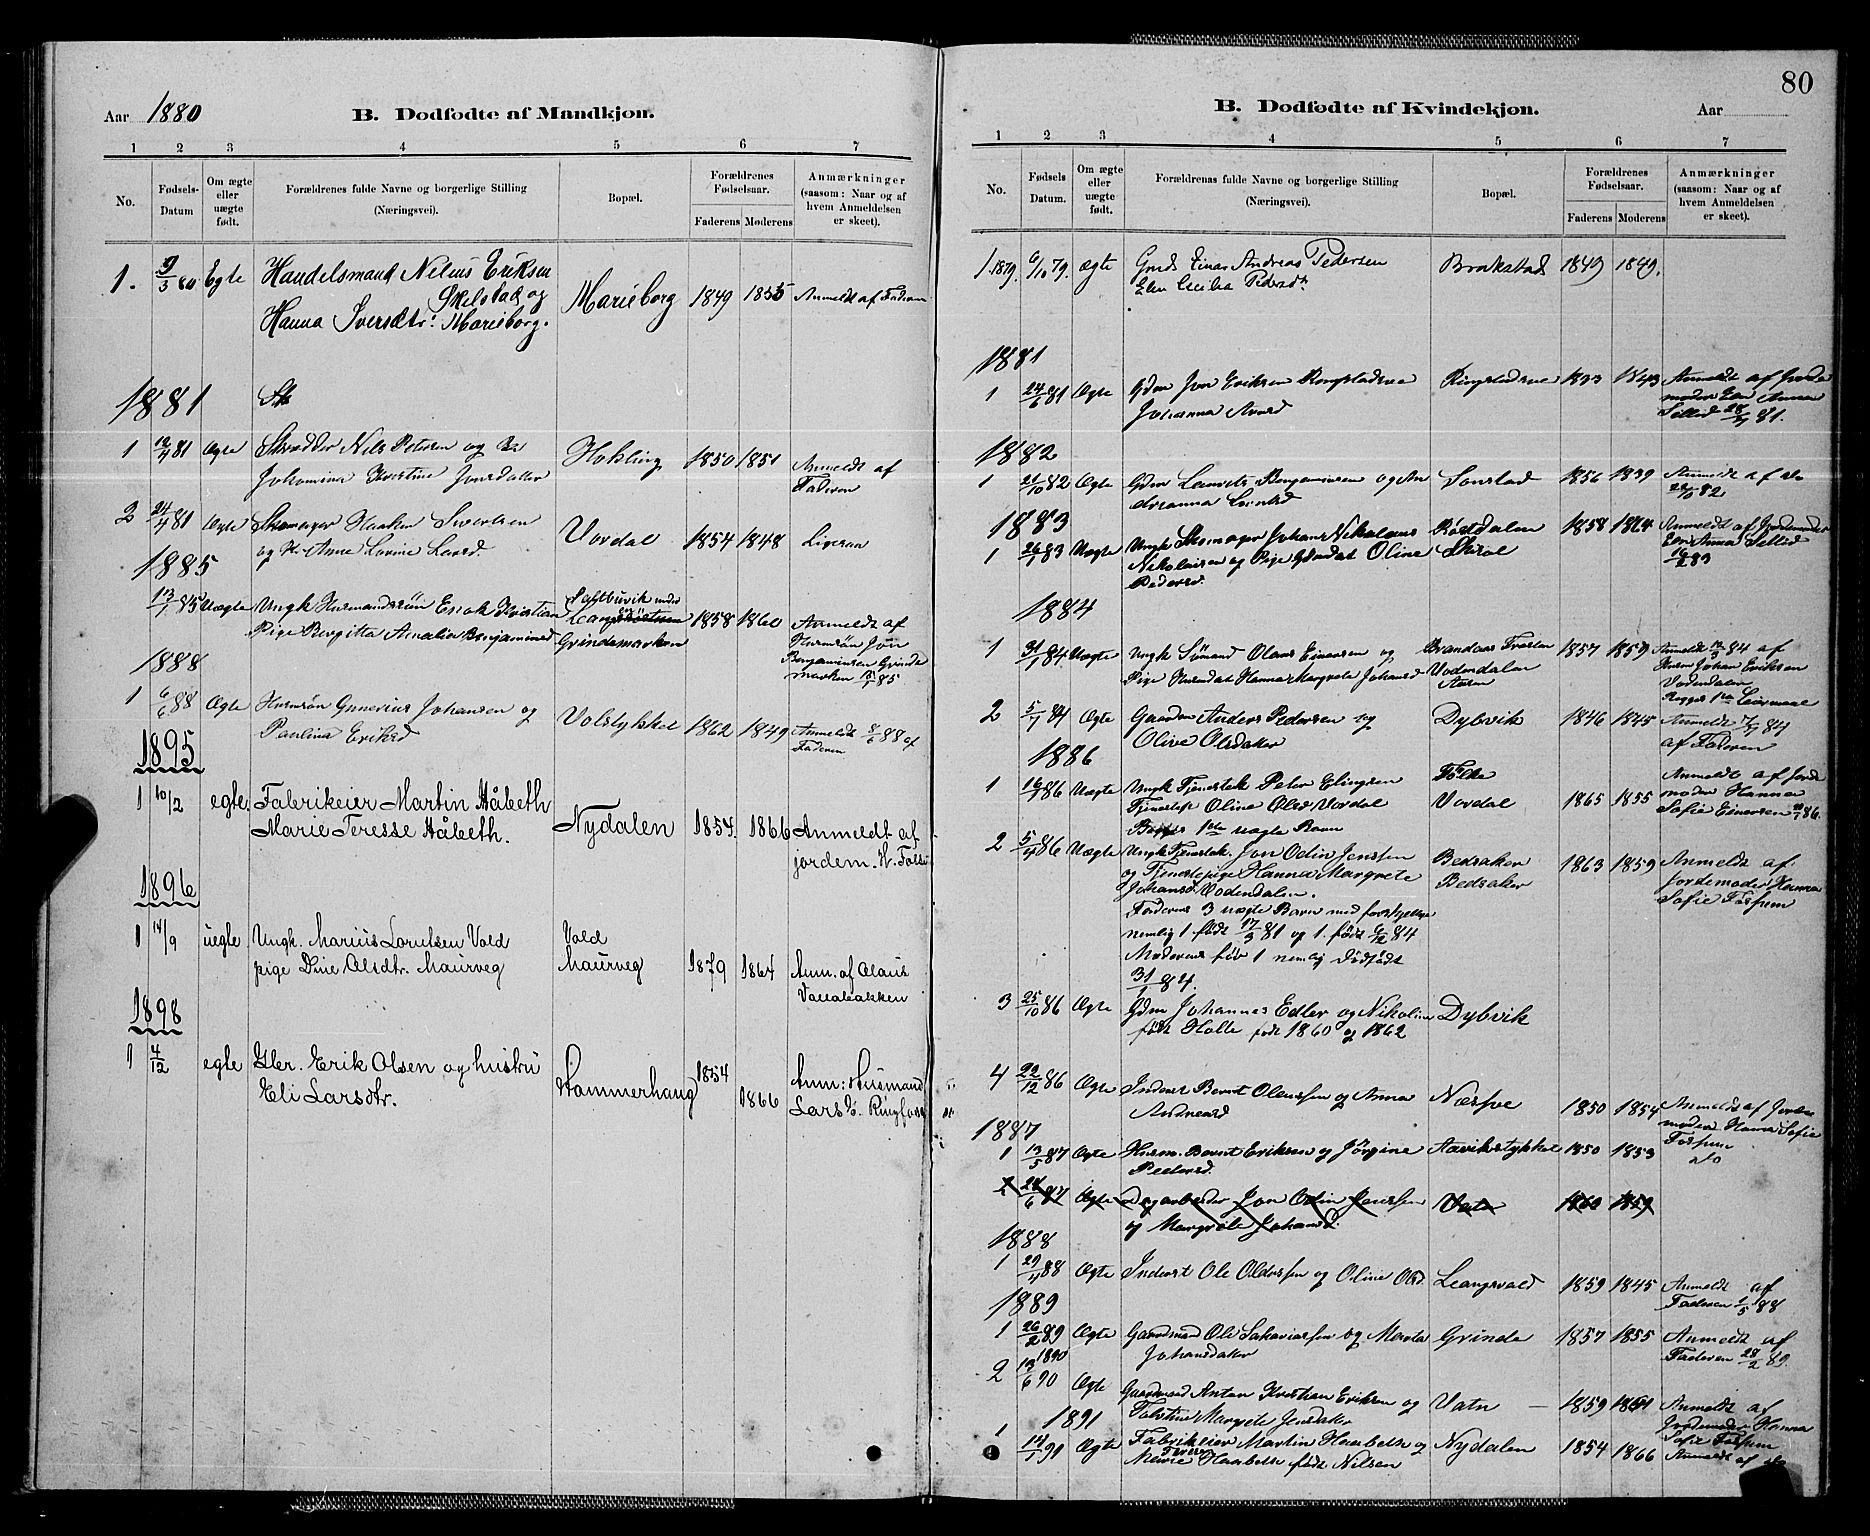 SAT, Ministerialprotokoller, klokkerbøker og fødselsregistre - Nord-Trøndelag, 714/L0134: Klokkerbok nr. 714C03, 1878-1898, s. 80